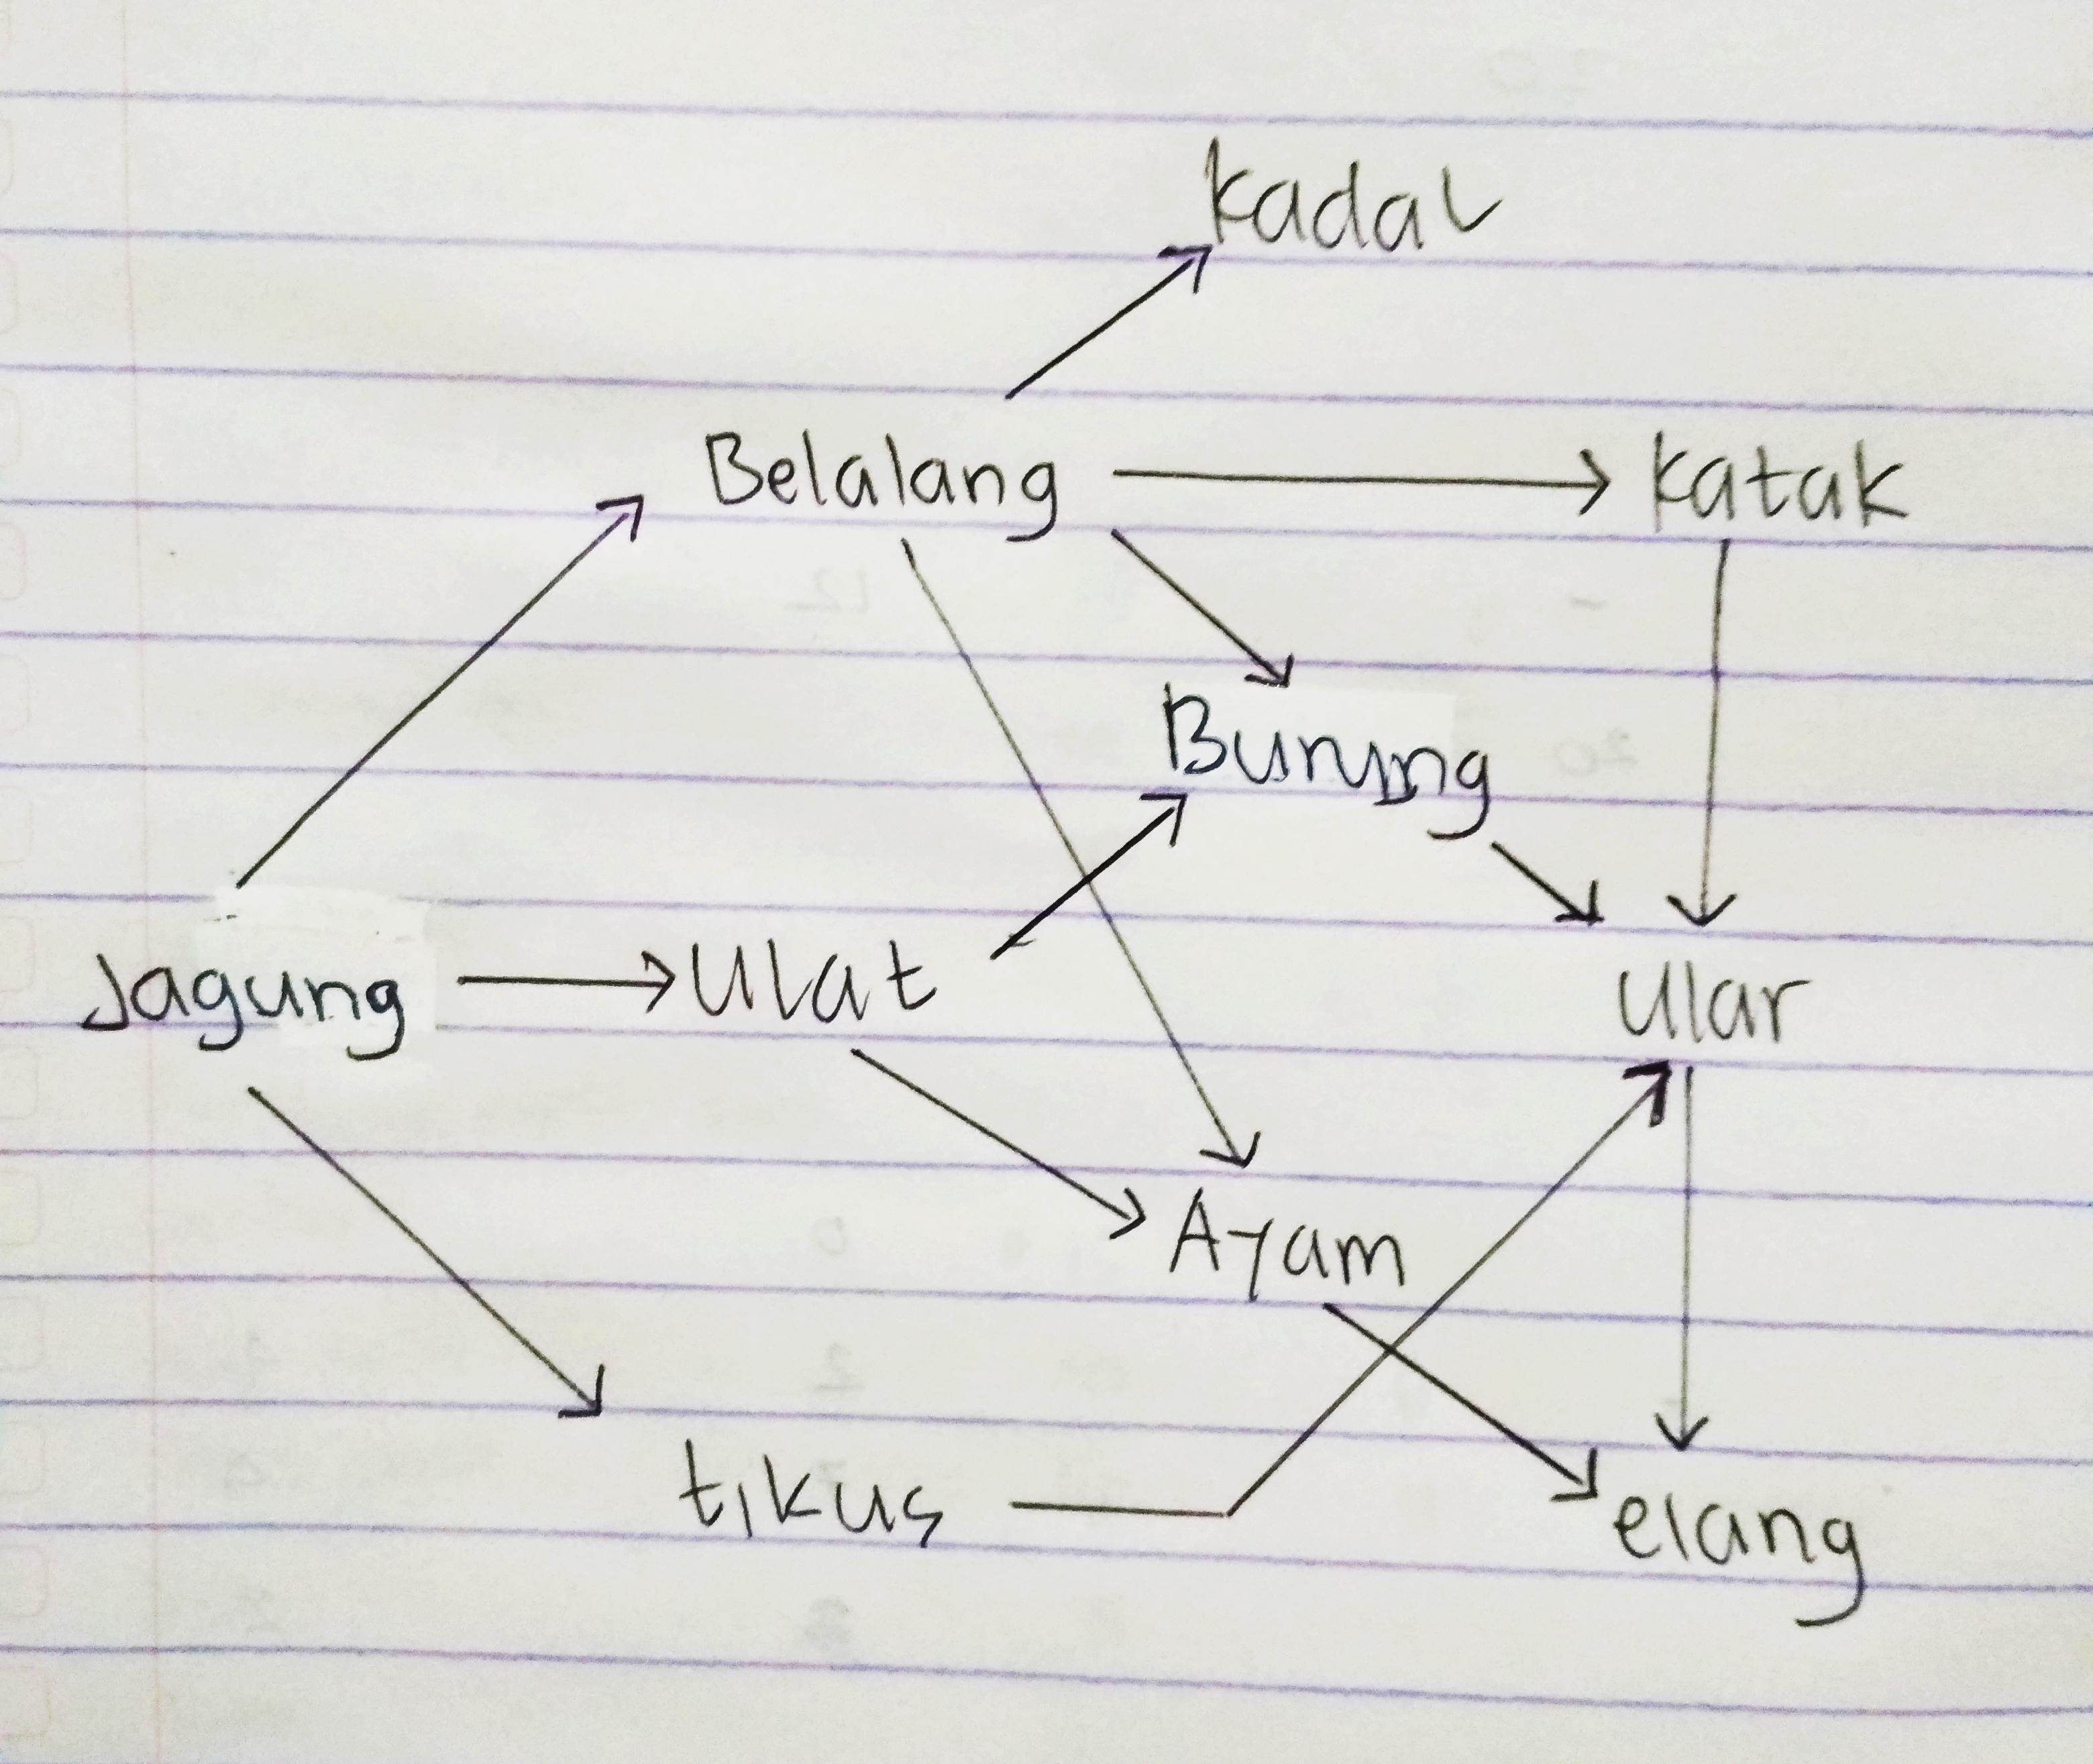 buatlah diagram jaring-jaring makanan berdasarkan makhluk ...